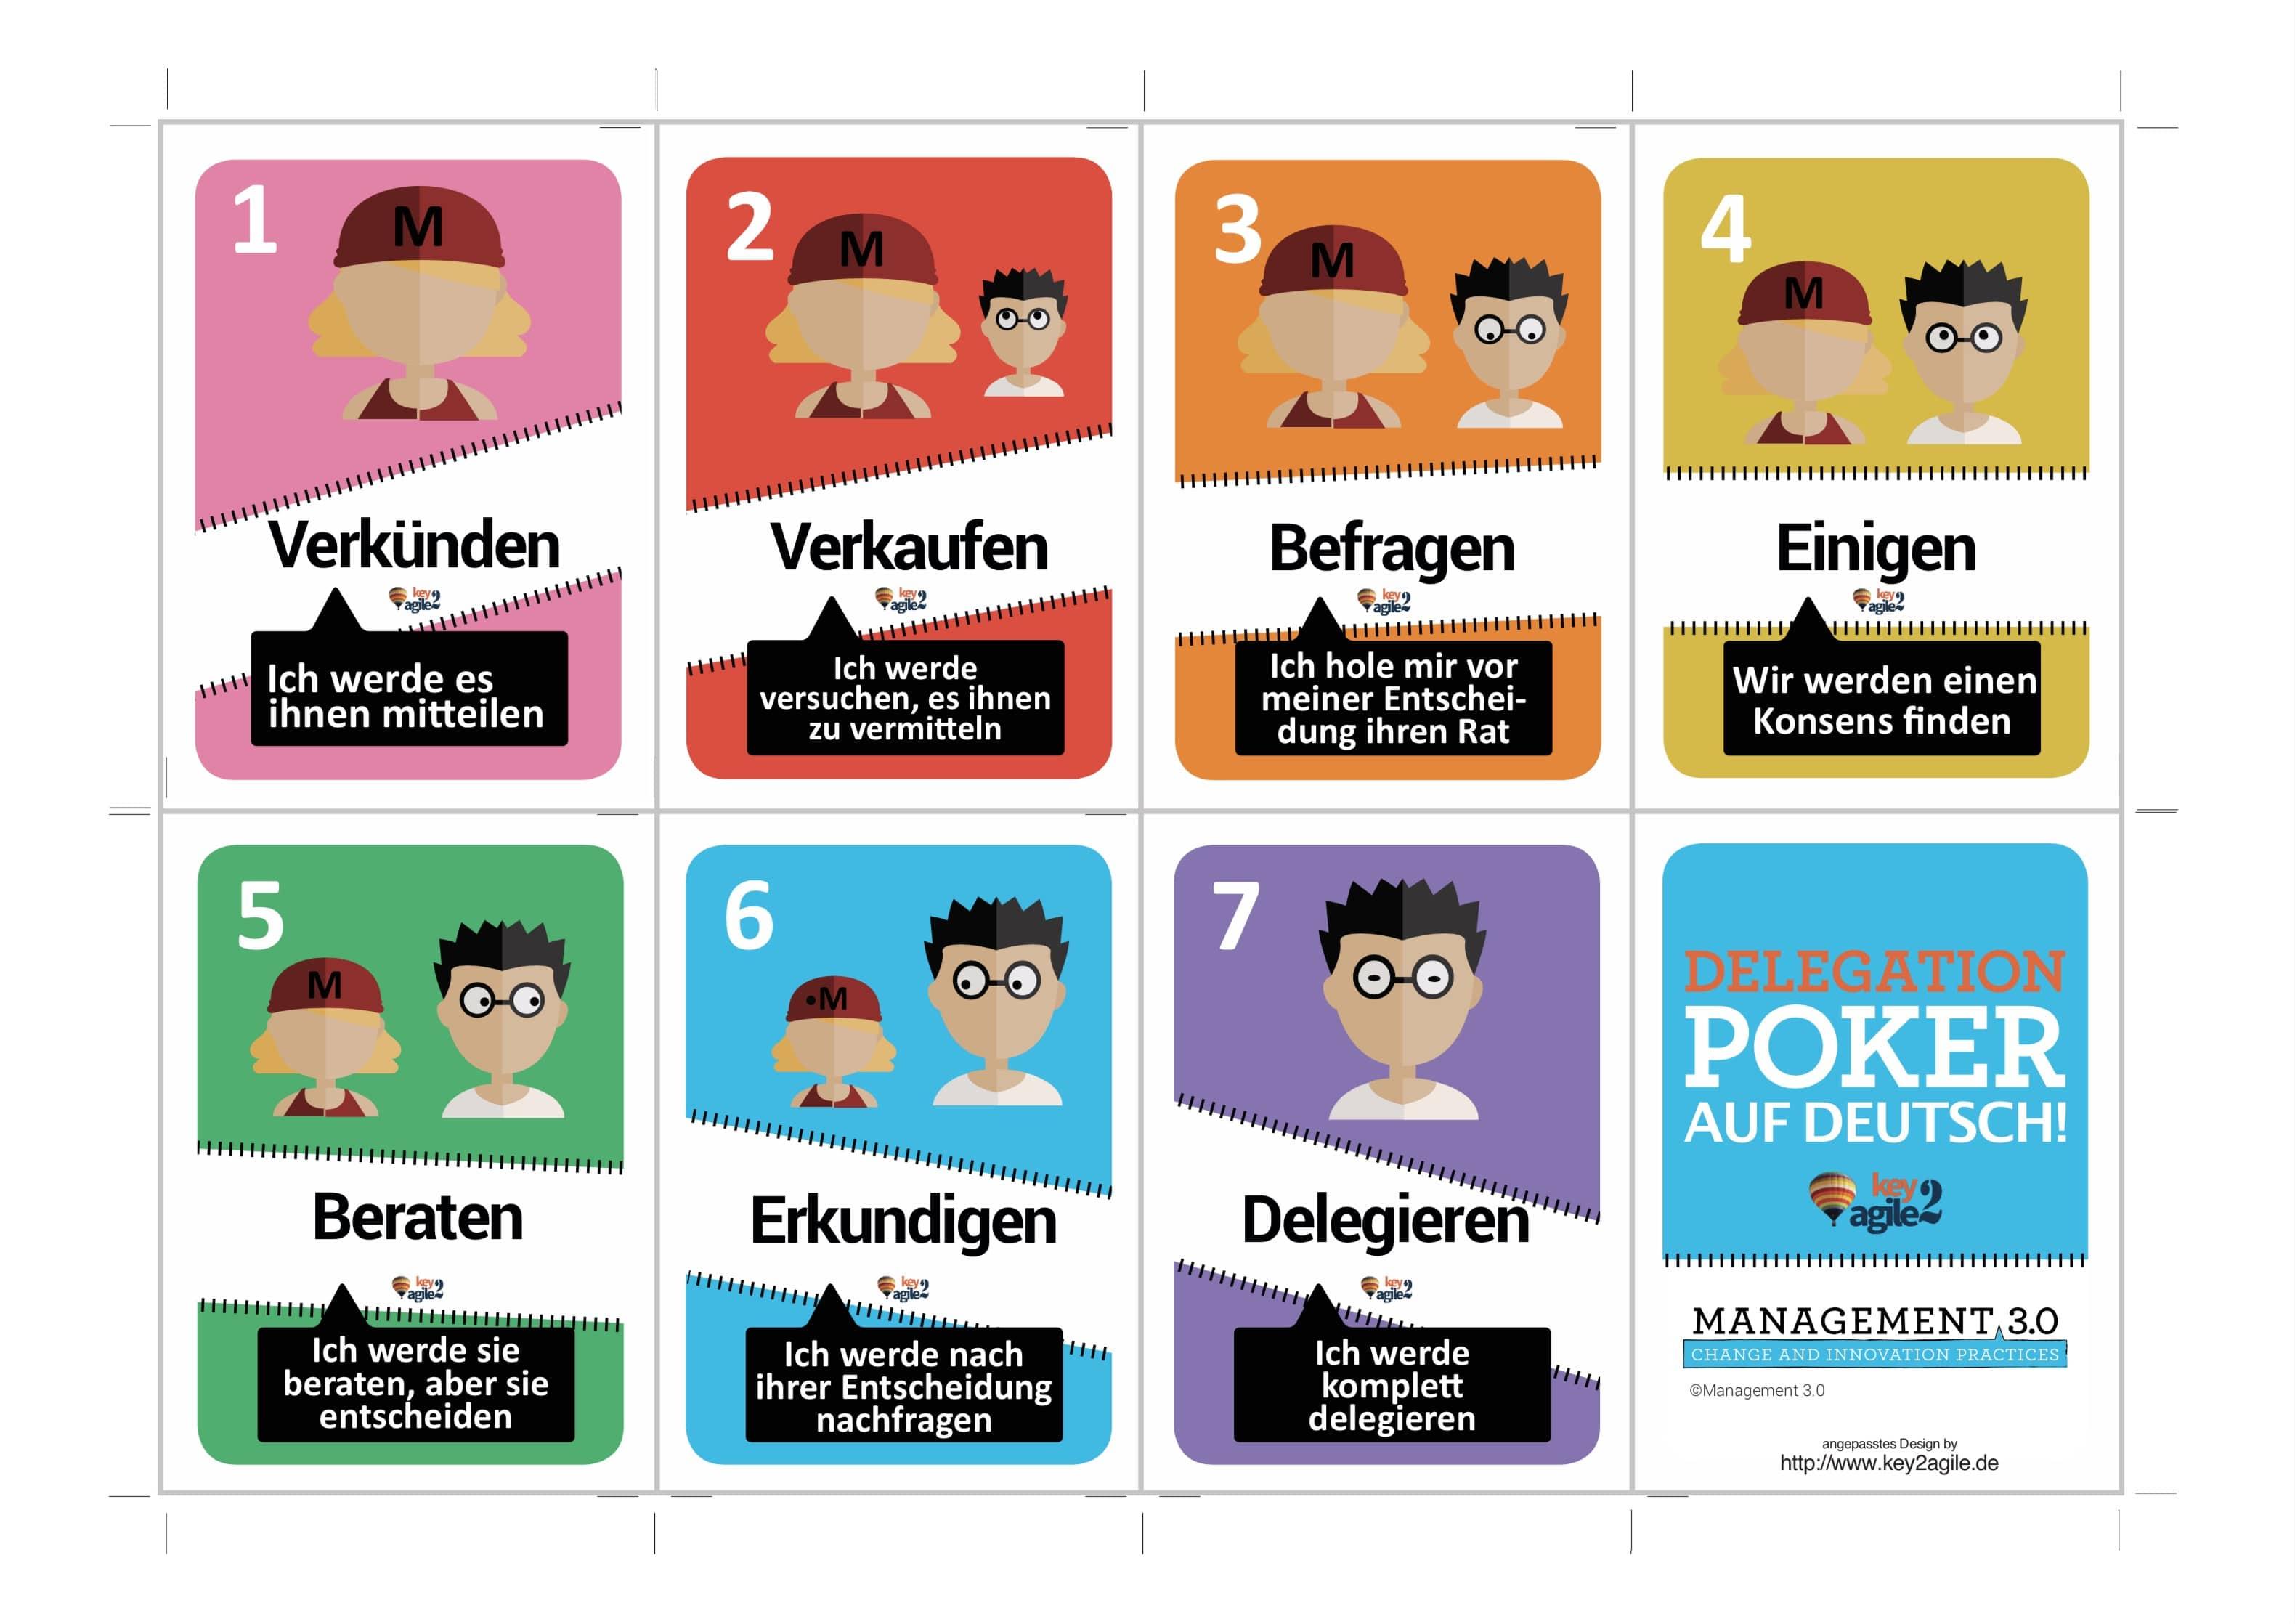 Poker Karten Kaufen